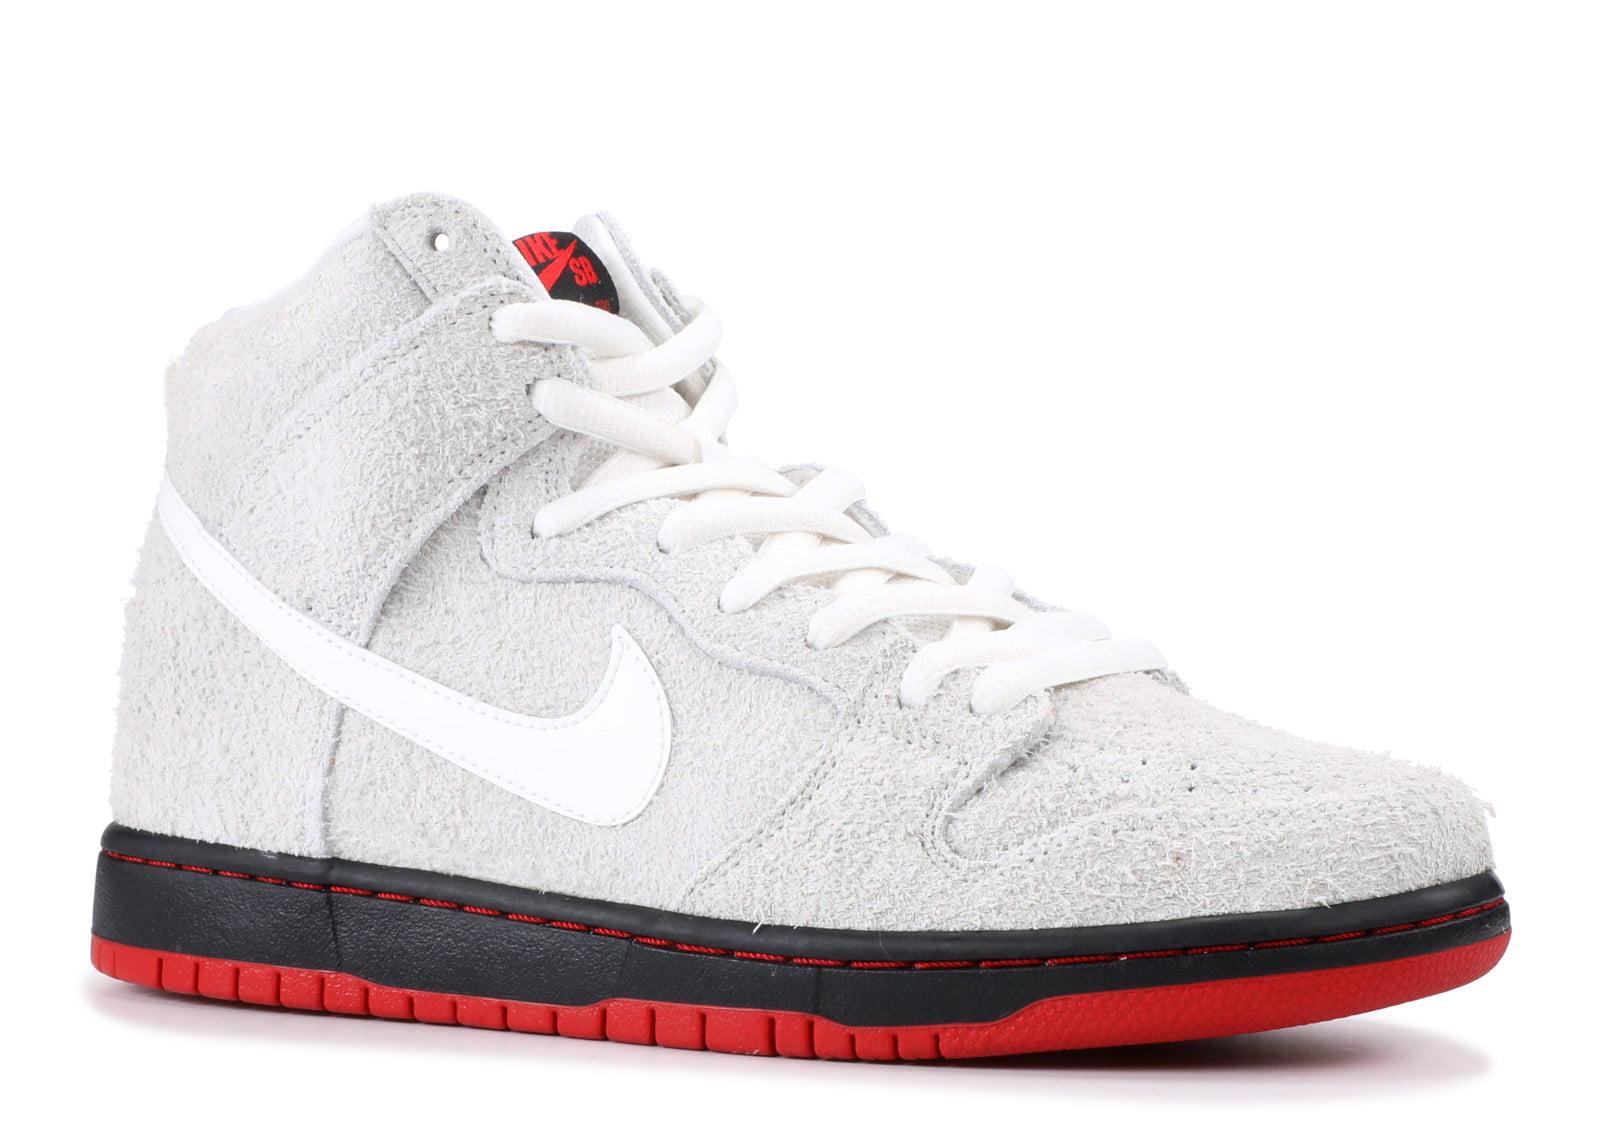 best loved 7cb2b 6836b Nike - Men - Sb Dunk High Trd Qs  Black Sheep  - 881758-110 - Size 7